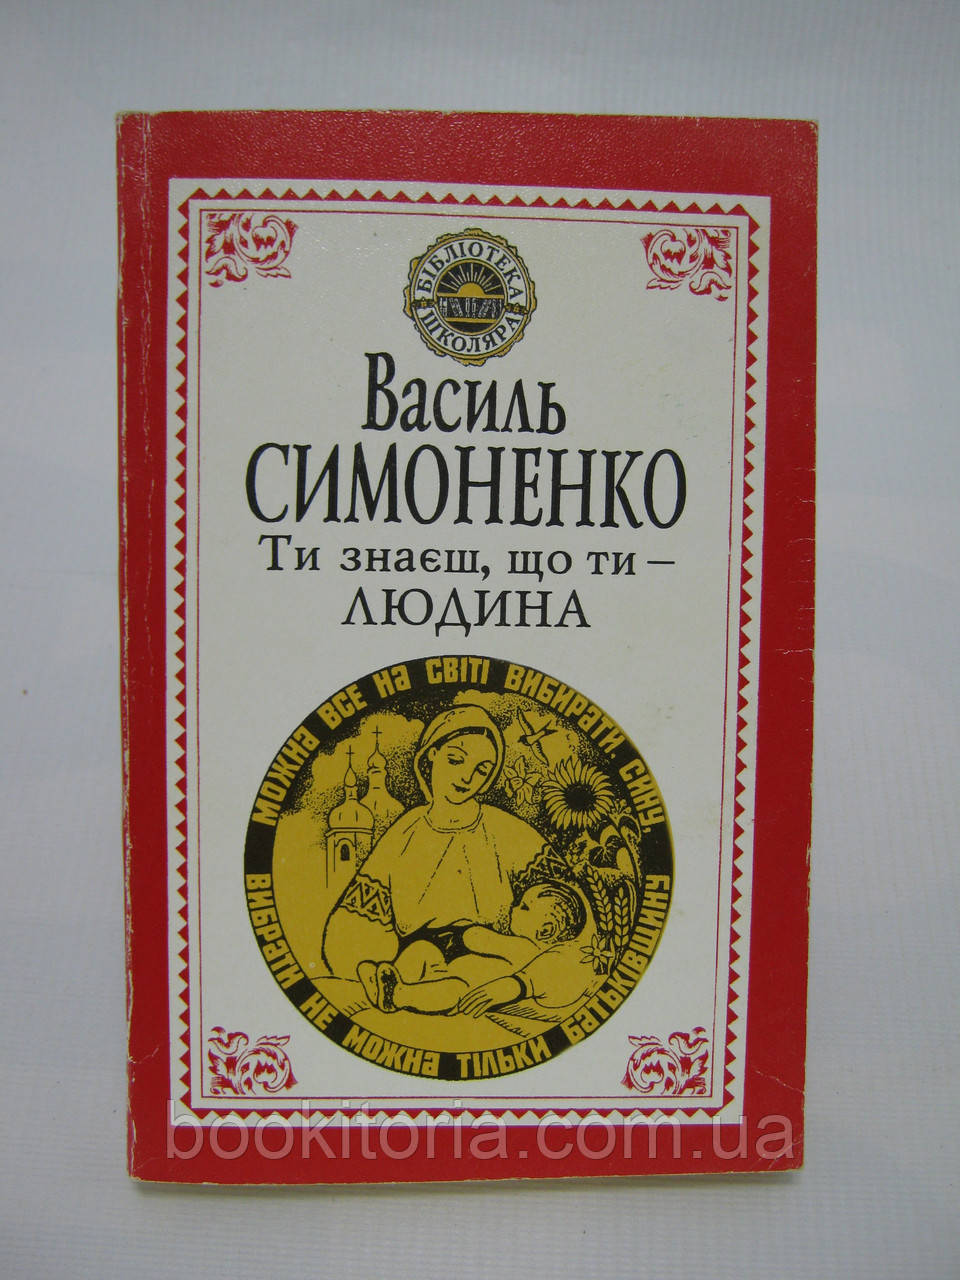 Симоненко В. Ти знаєш, що ти – людина (б/у).